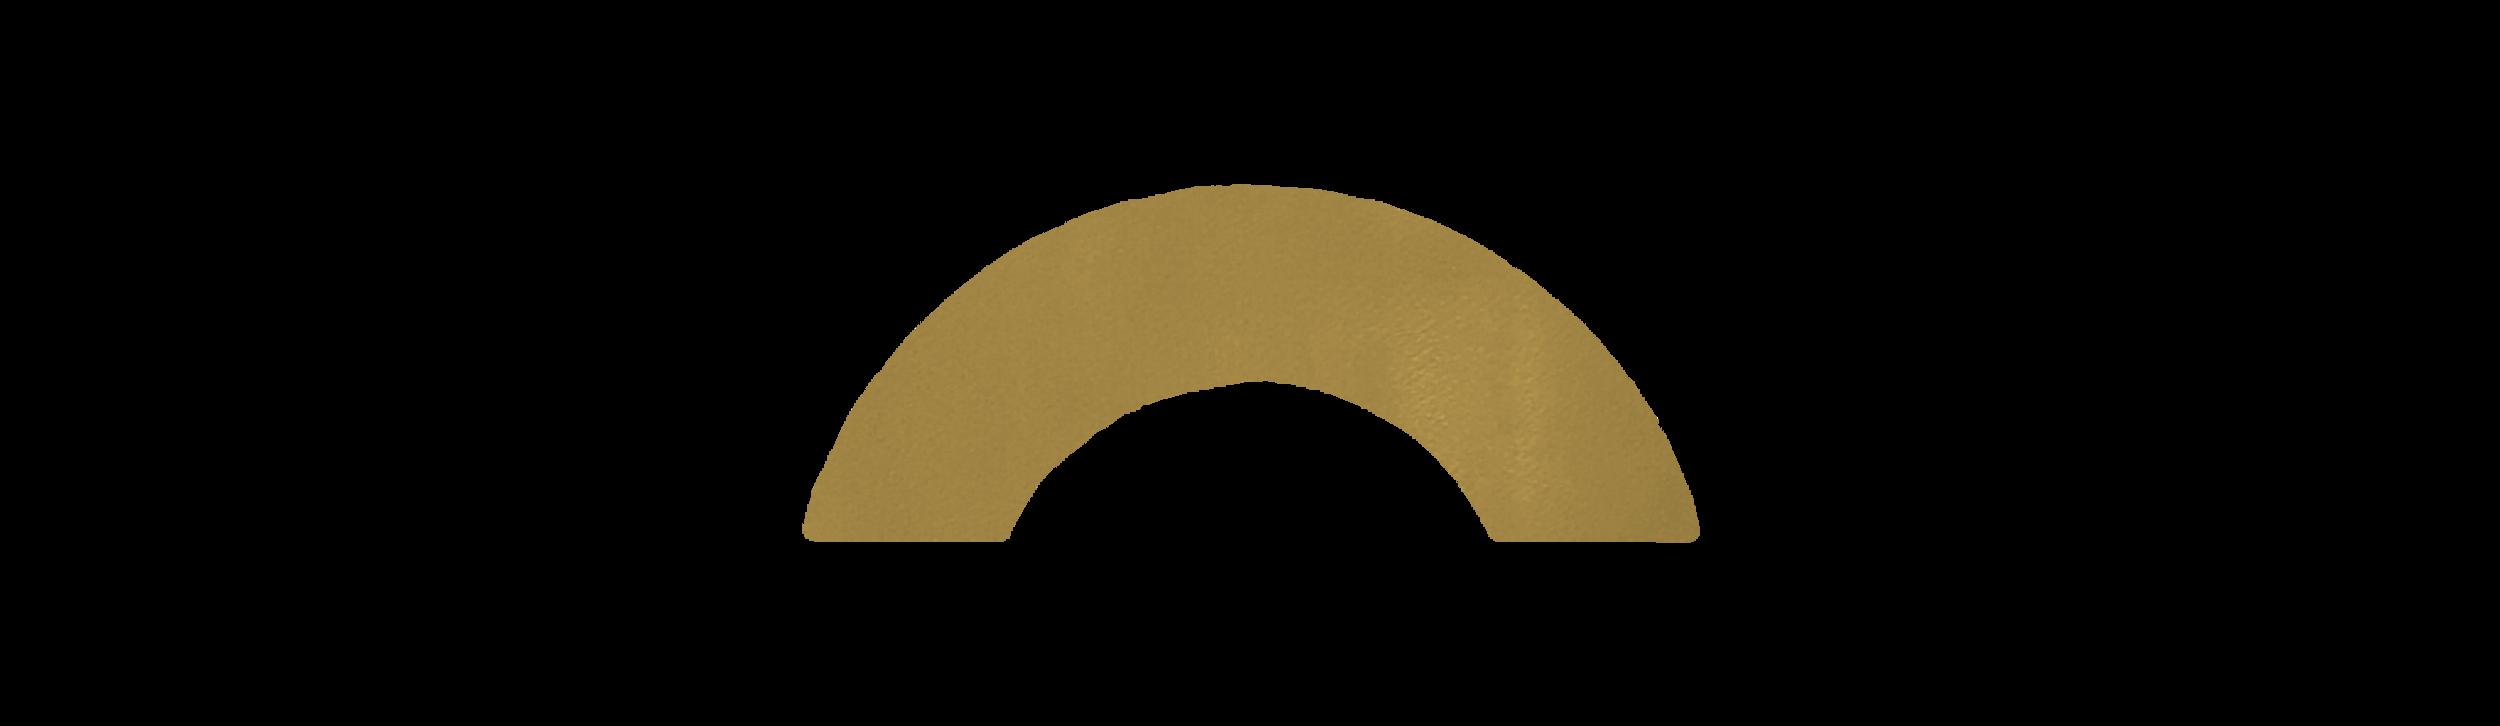 Blog-Mustard-10.png